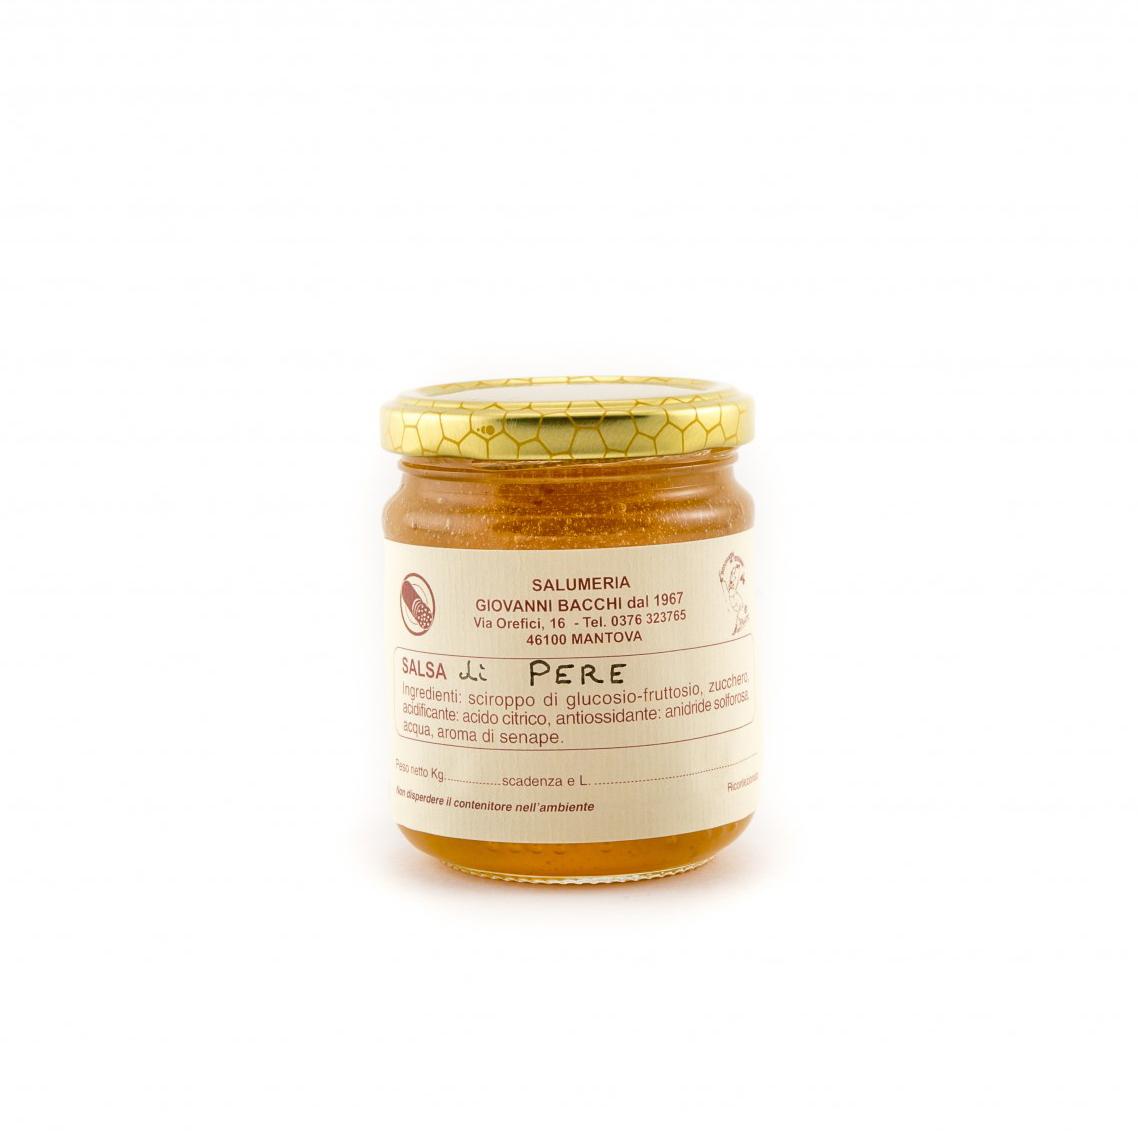 Mostarda di salsa di pere vaso di vetro 250 gr for Mostarda di pere mantovana